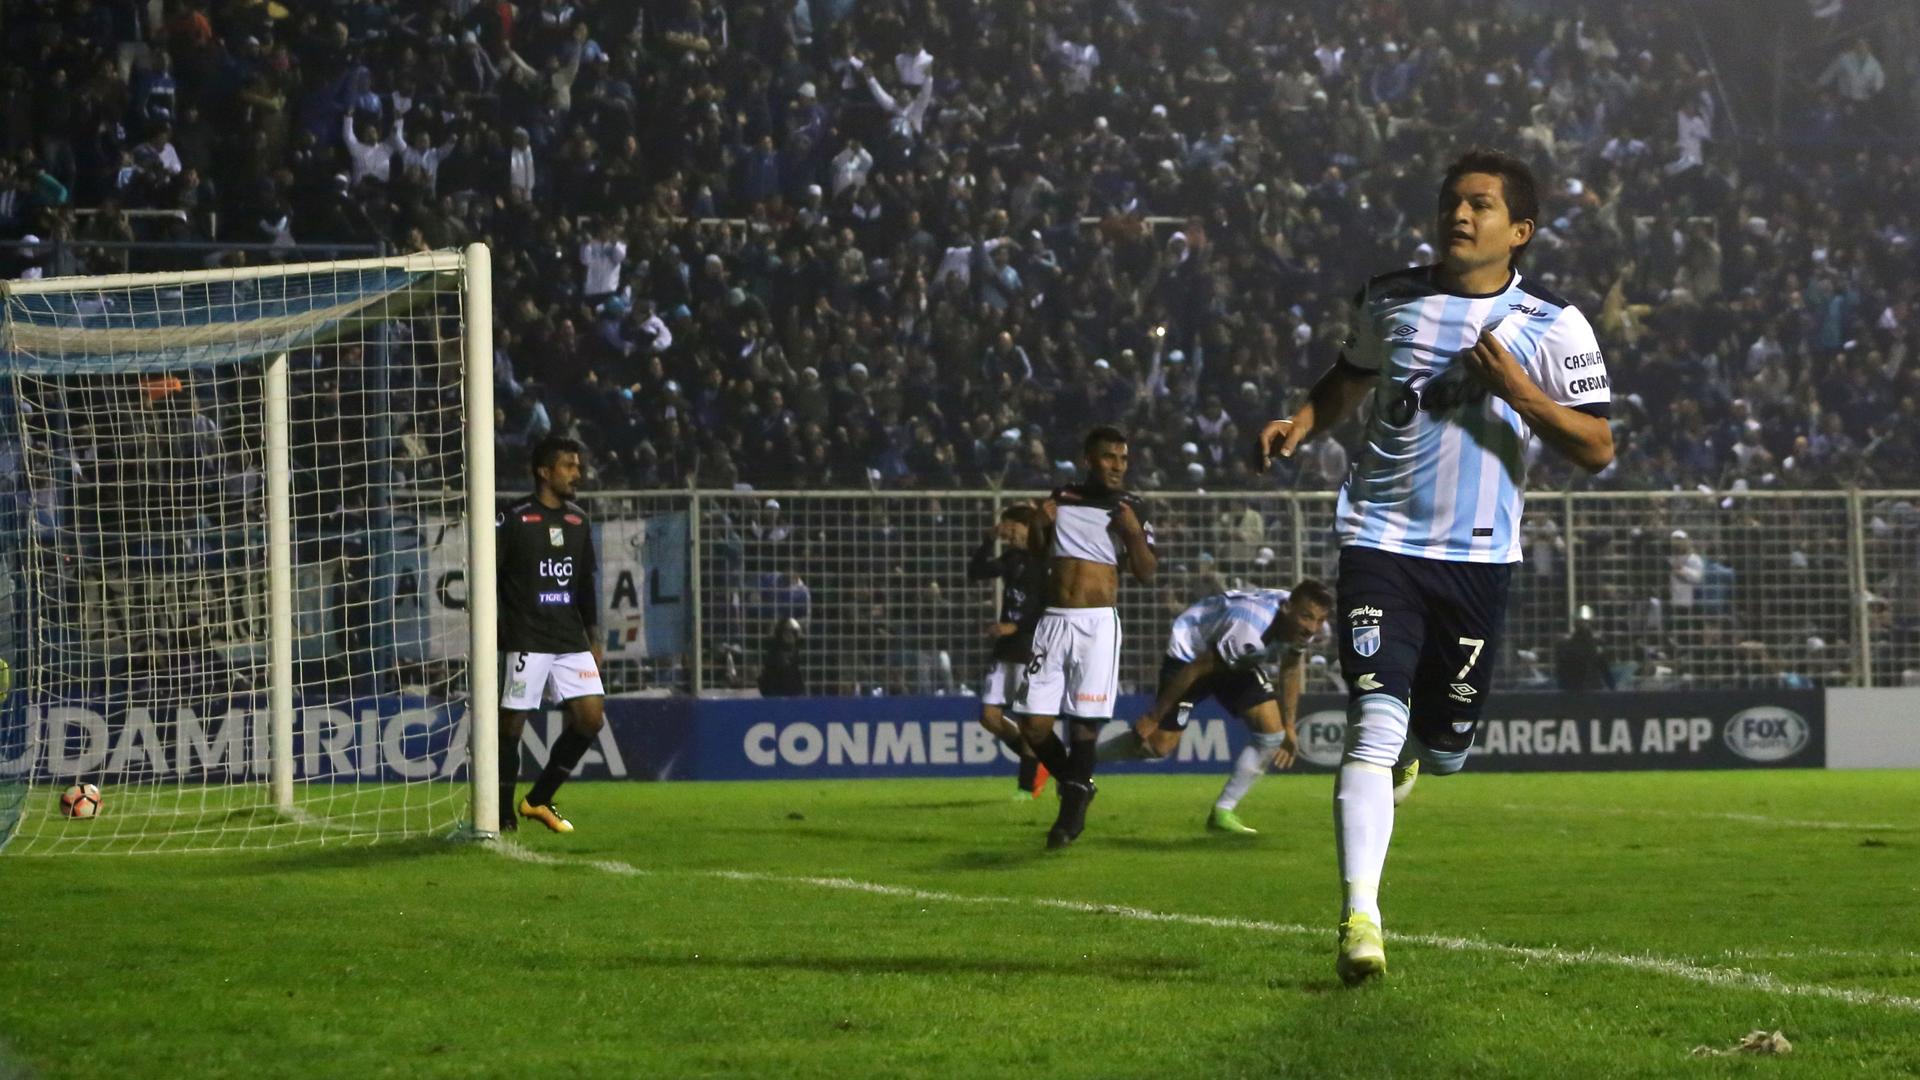 Atlético Tucumán-Oriente Petrolero, por la Copa Sudamericana: horario, TV y formaciones